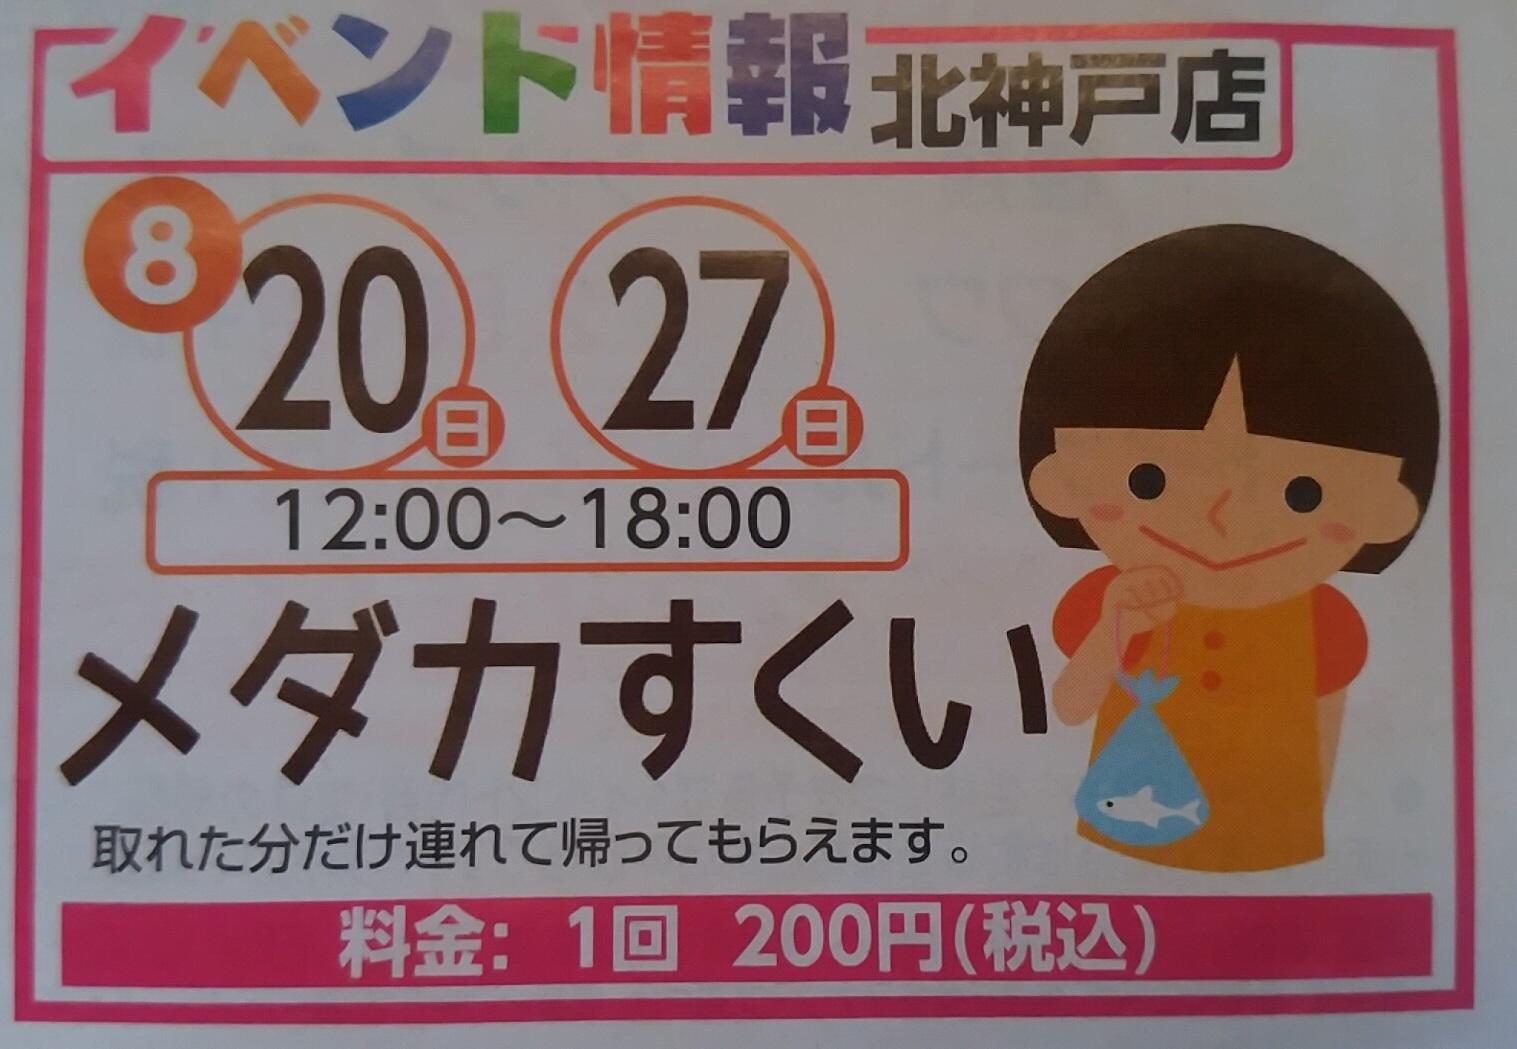 ホームセンター 店 神戸 ロイヤル 北